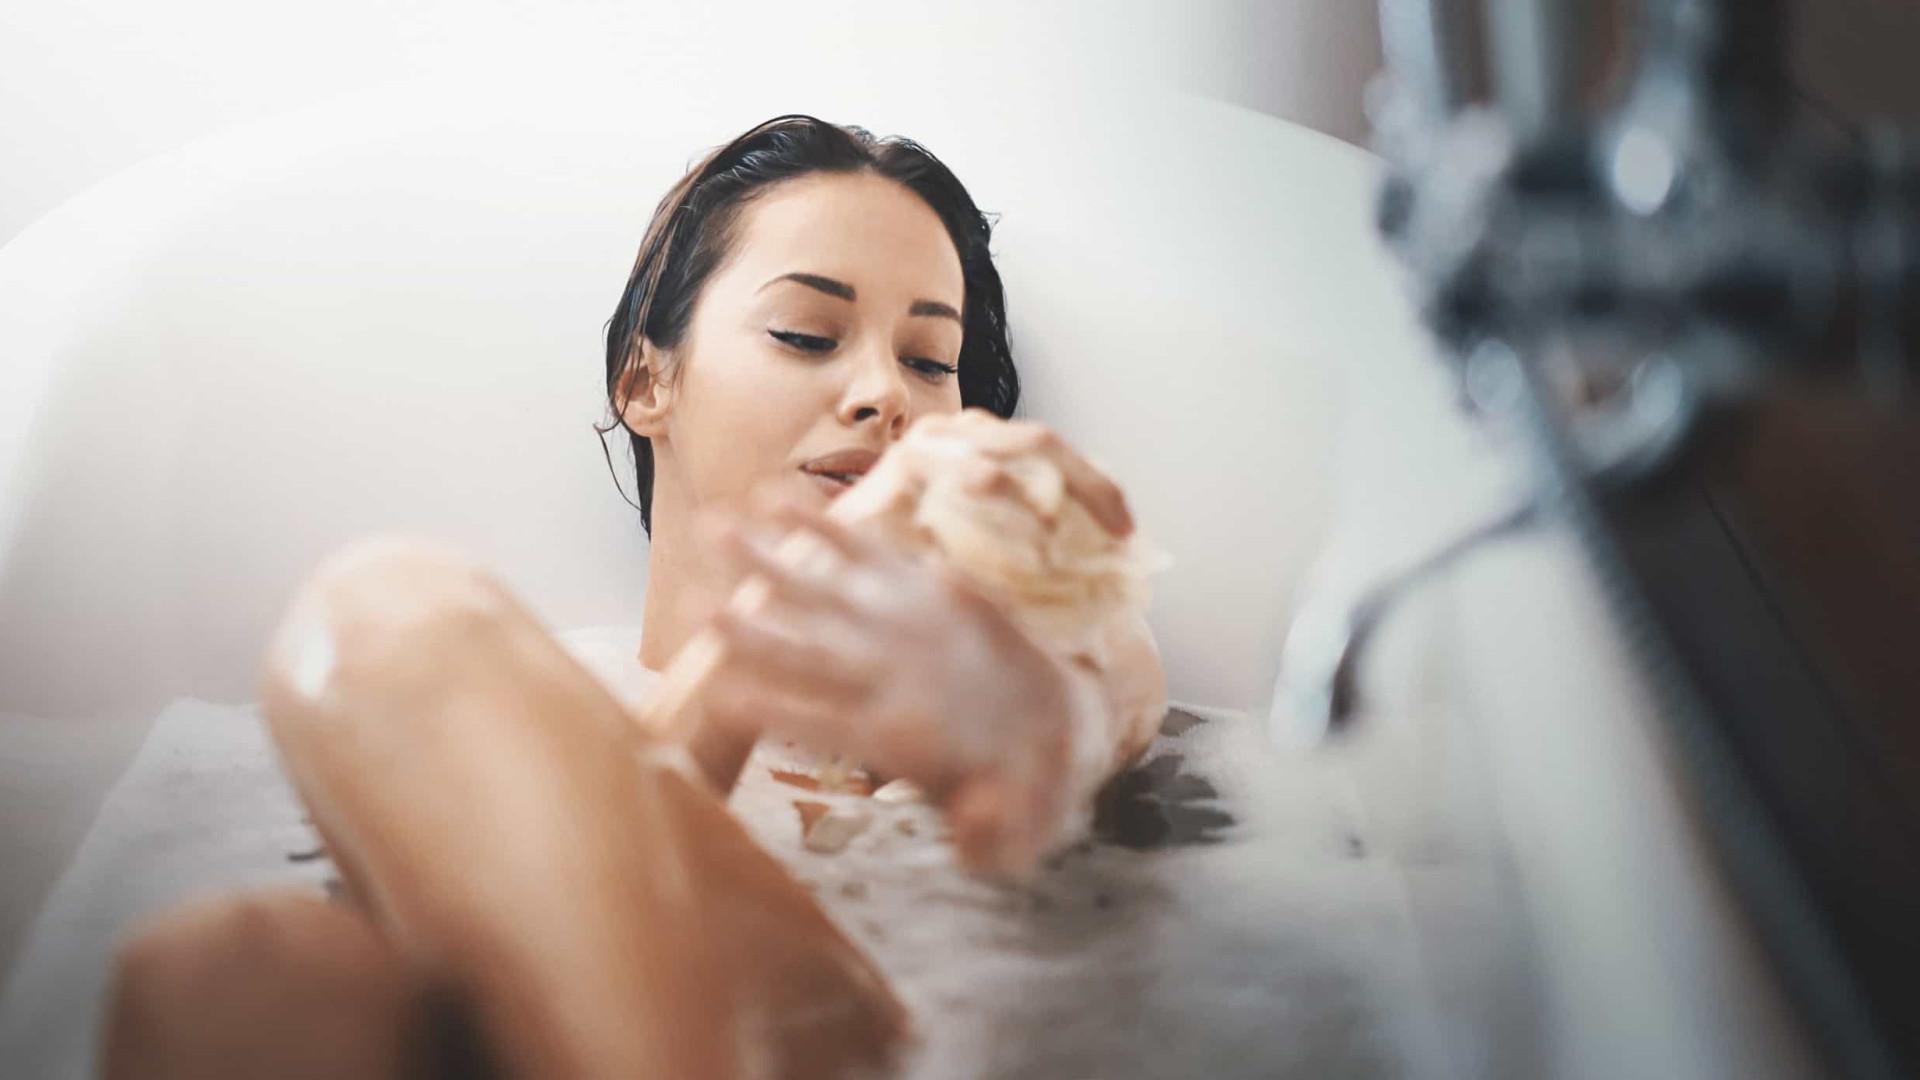 Tomar banho quente queima calorias e substitui a prática de exercício?